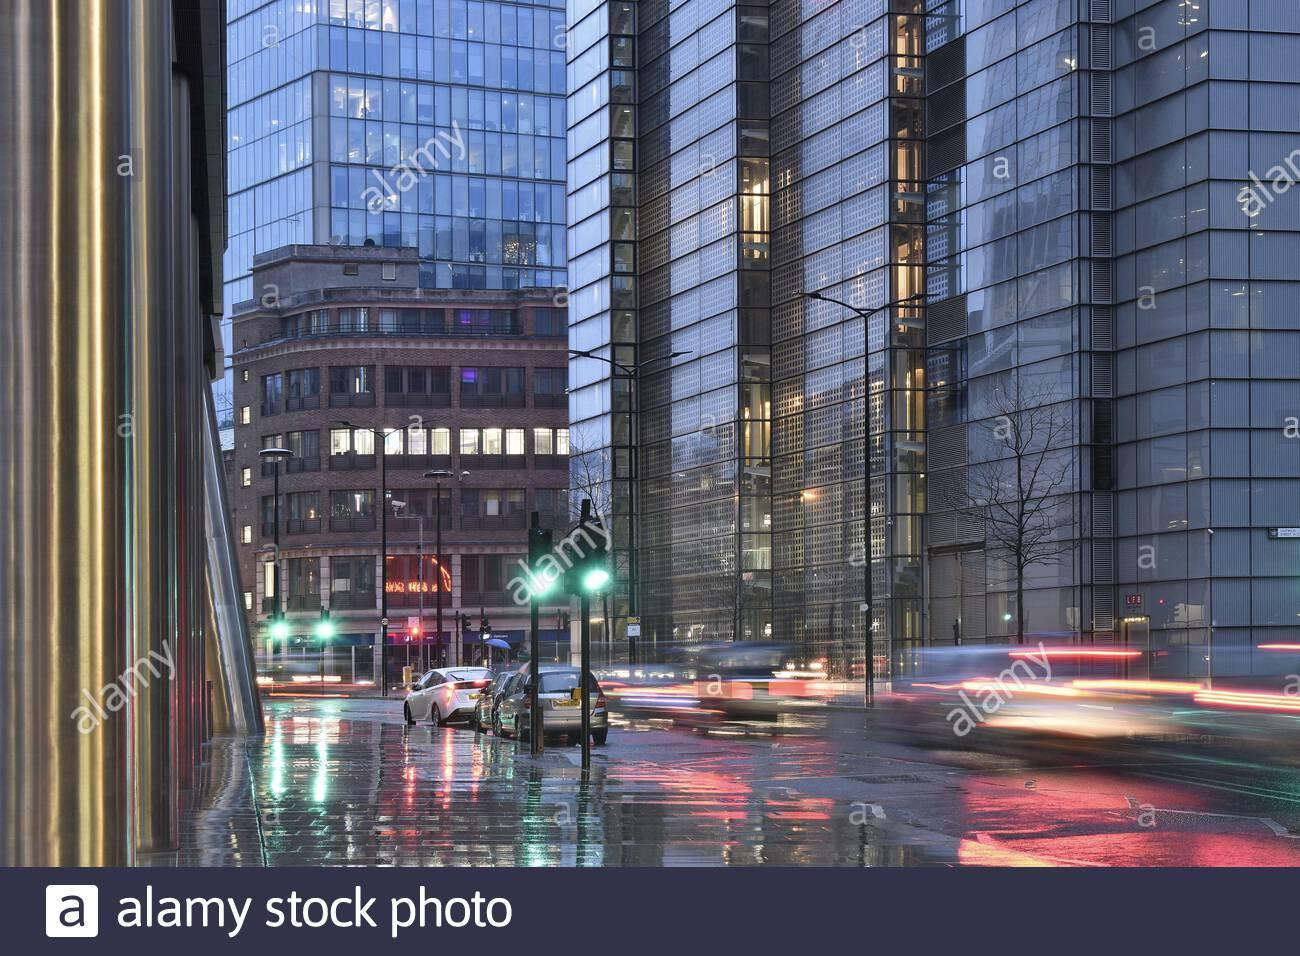 Die Straße mit den Autofahrern reflektiert über den regnerischen Tag und moderne Objekte in der City of London UK Stockfoto